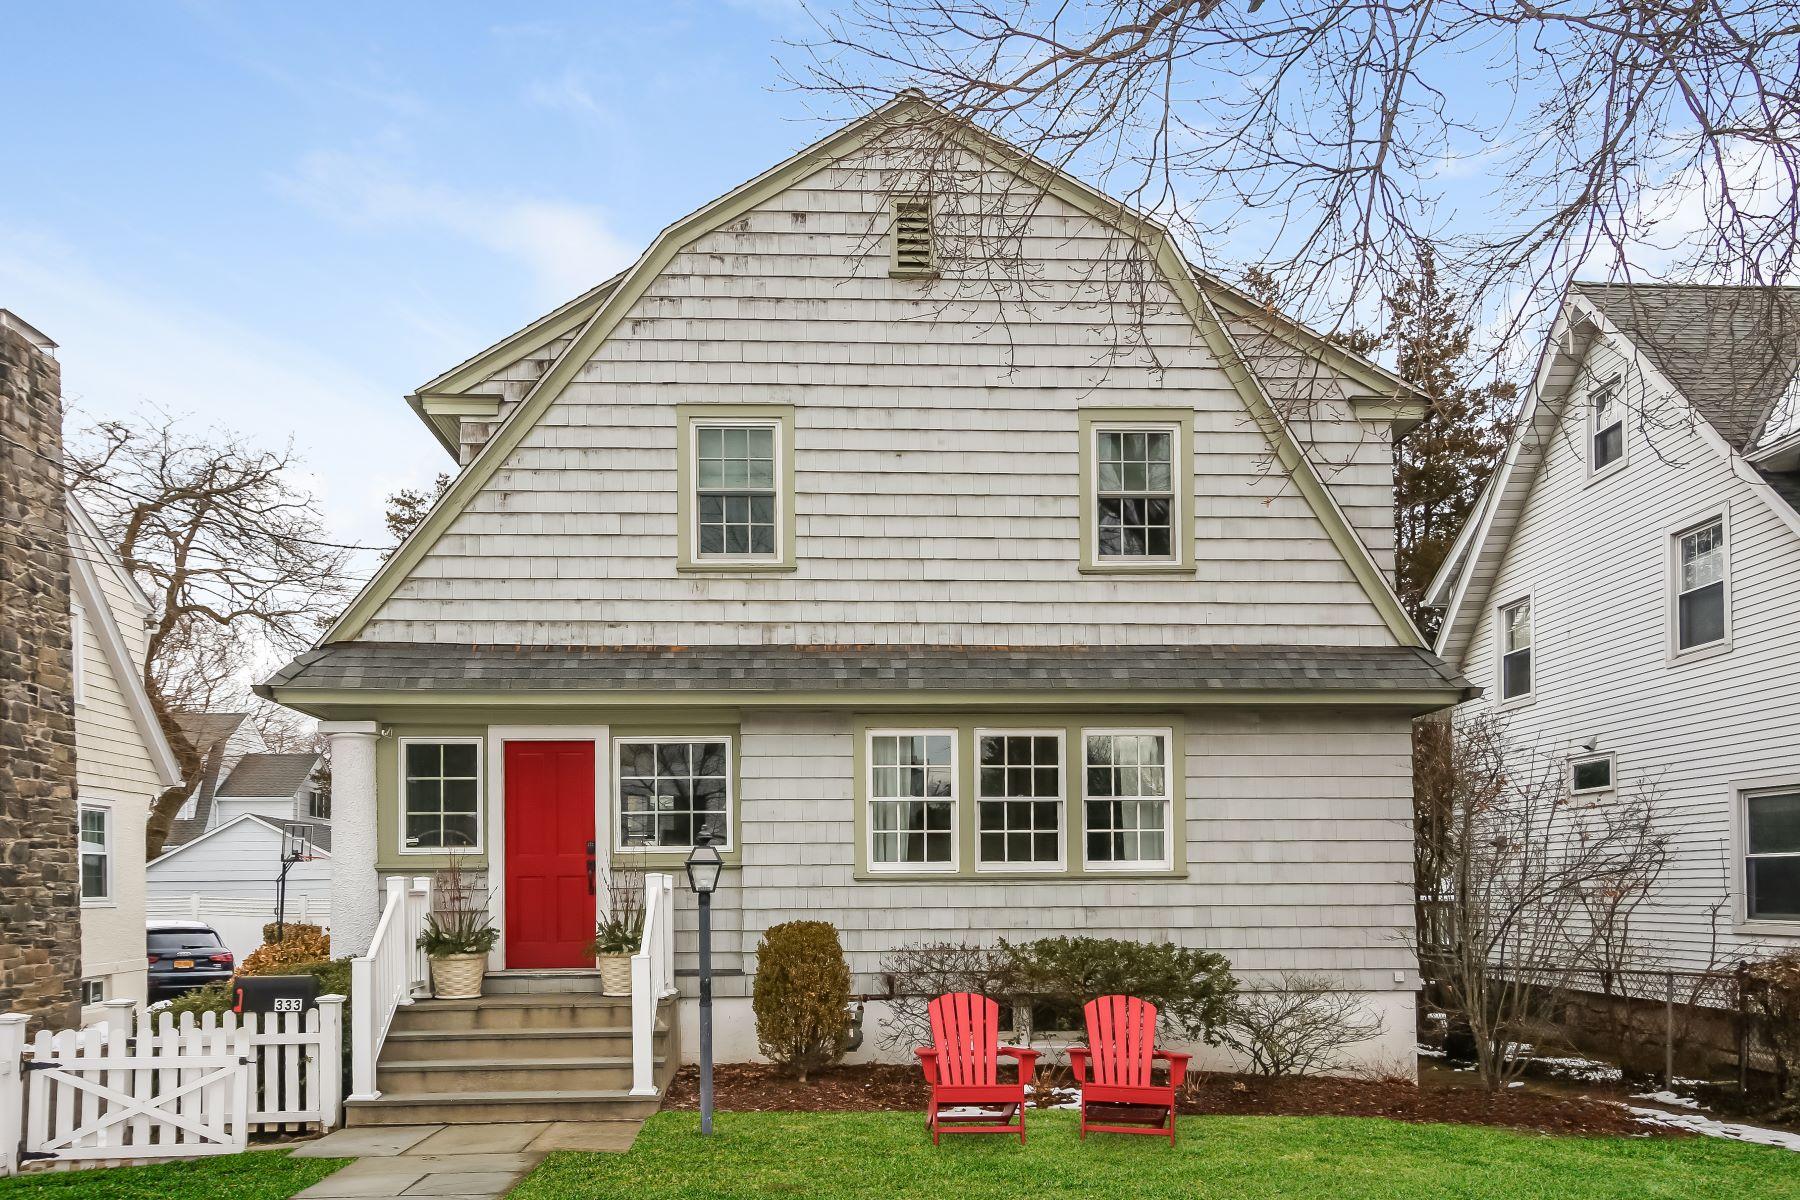 Частный односемейный дом для того Продажа на 333 Rye Beach Avenue Rye, Нью-Йорк, 10580 Соединенные Штаты